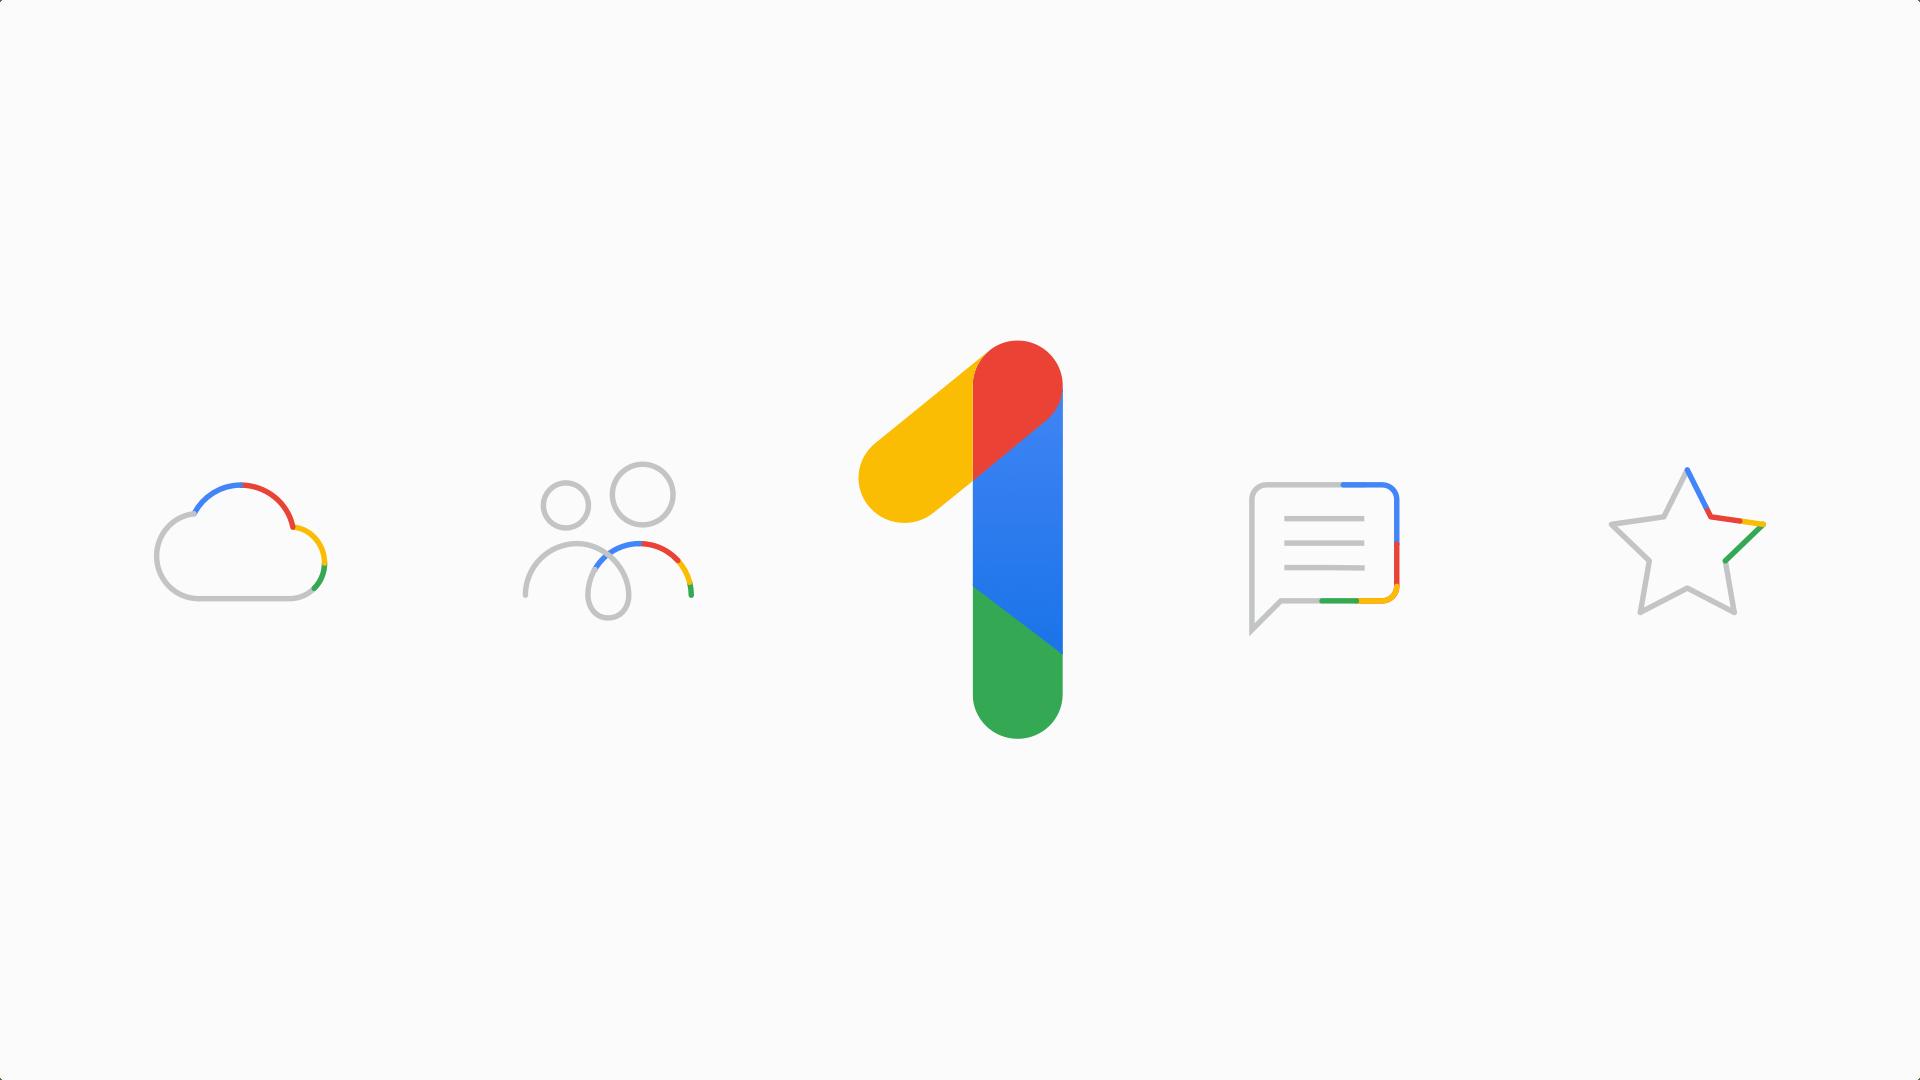 Google One goûte à Material You et vous réserve aussi une petite surprise